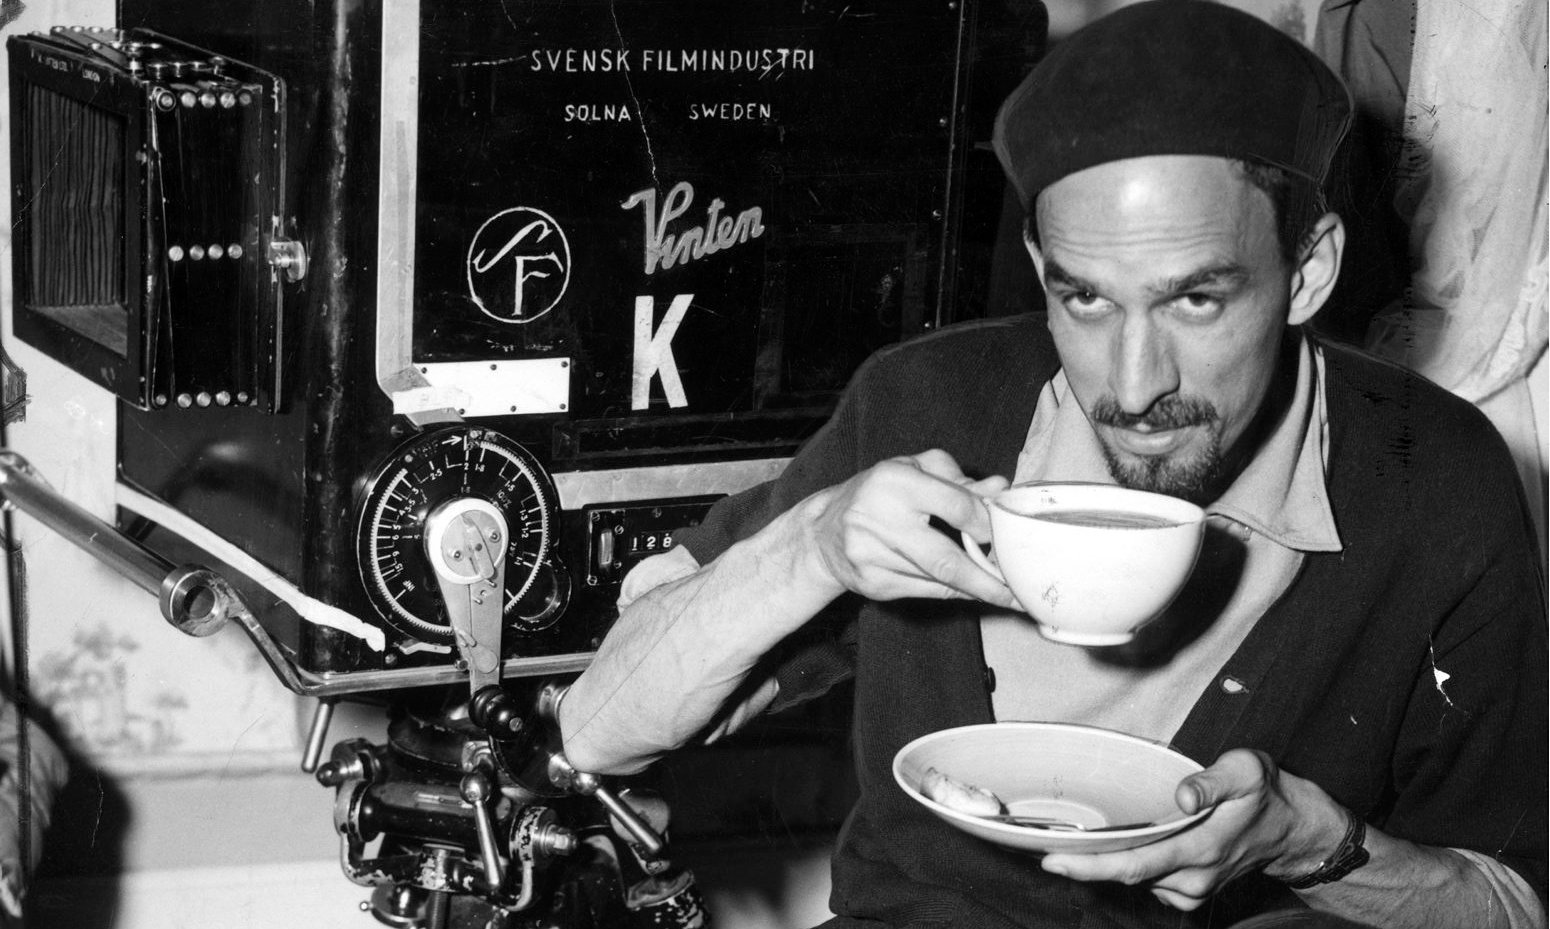 Découverte d'un scénario perdu d'Ingmar Bergman : audacieux, complexe et radical